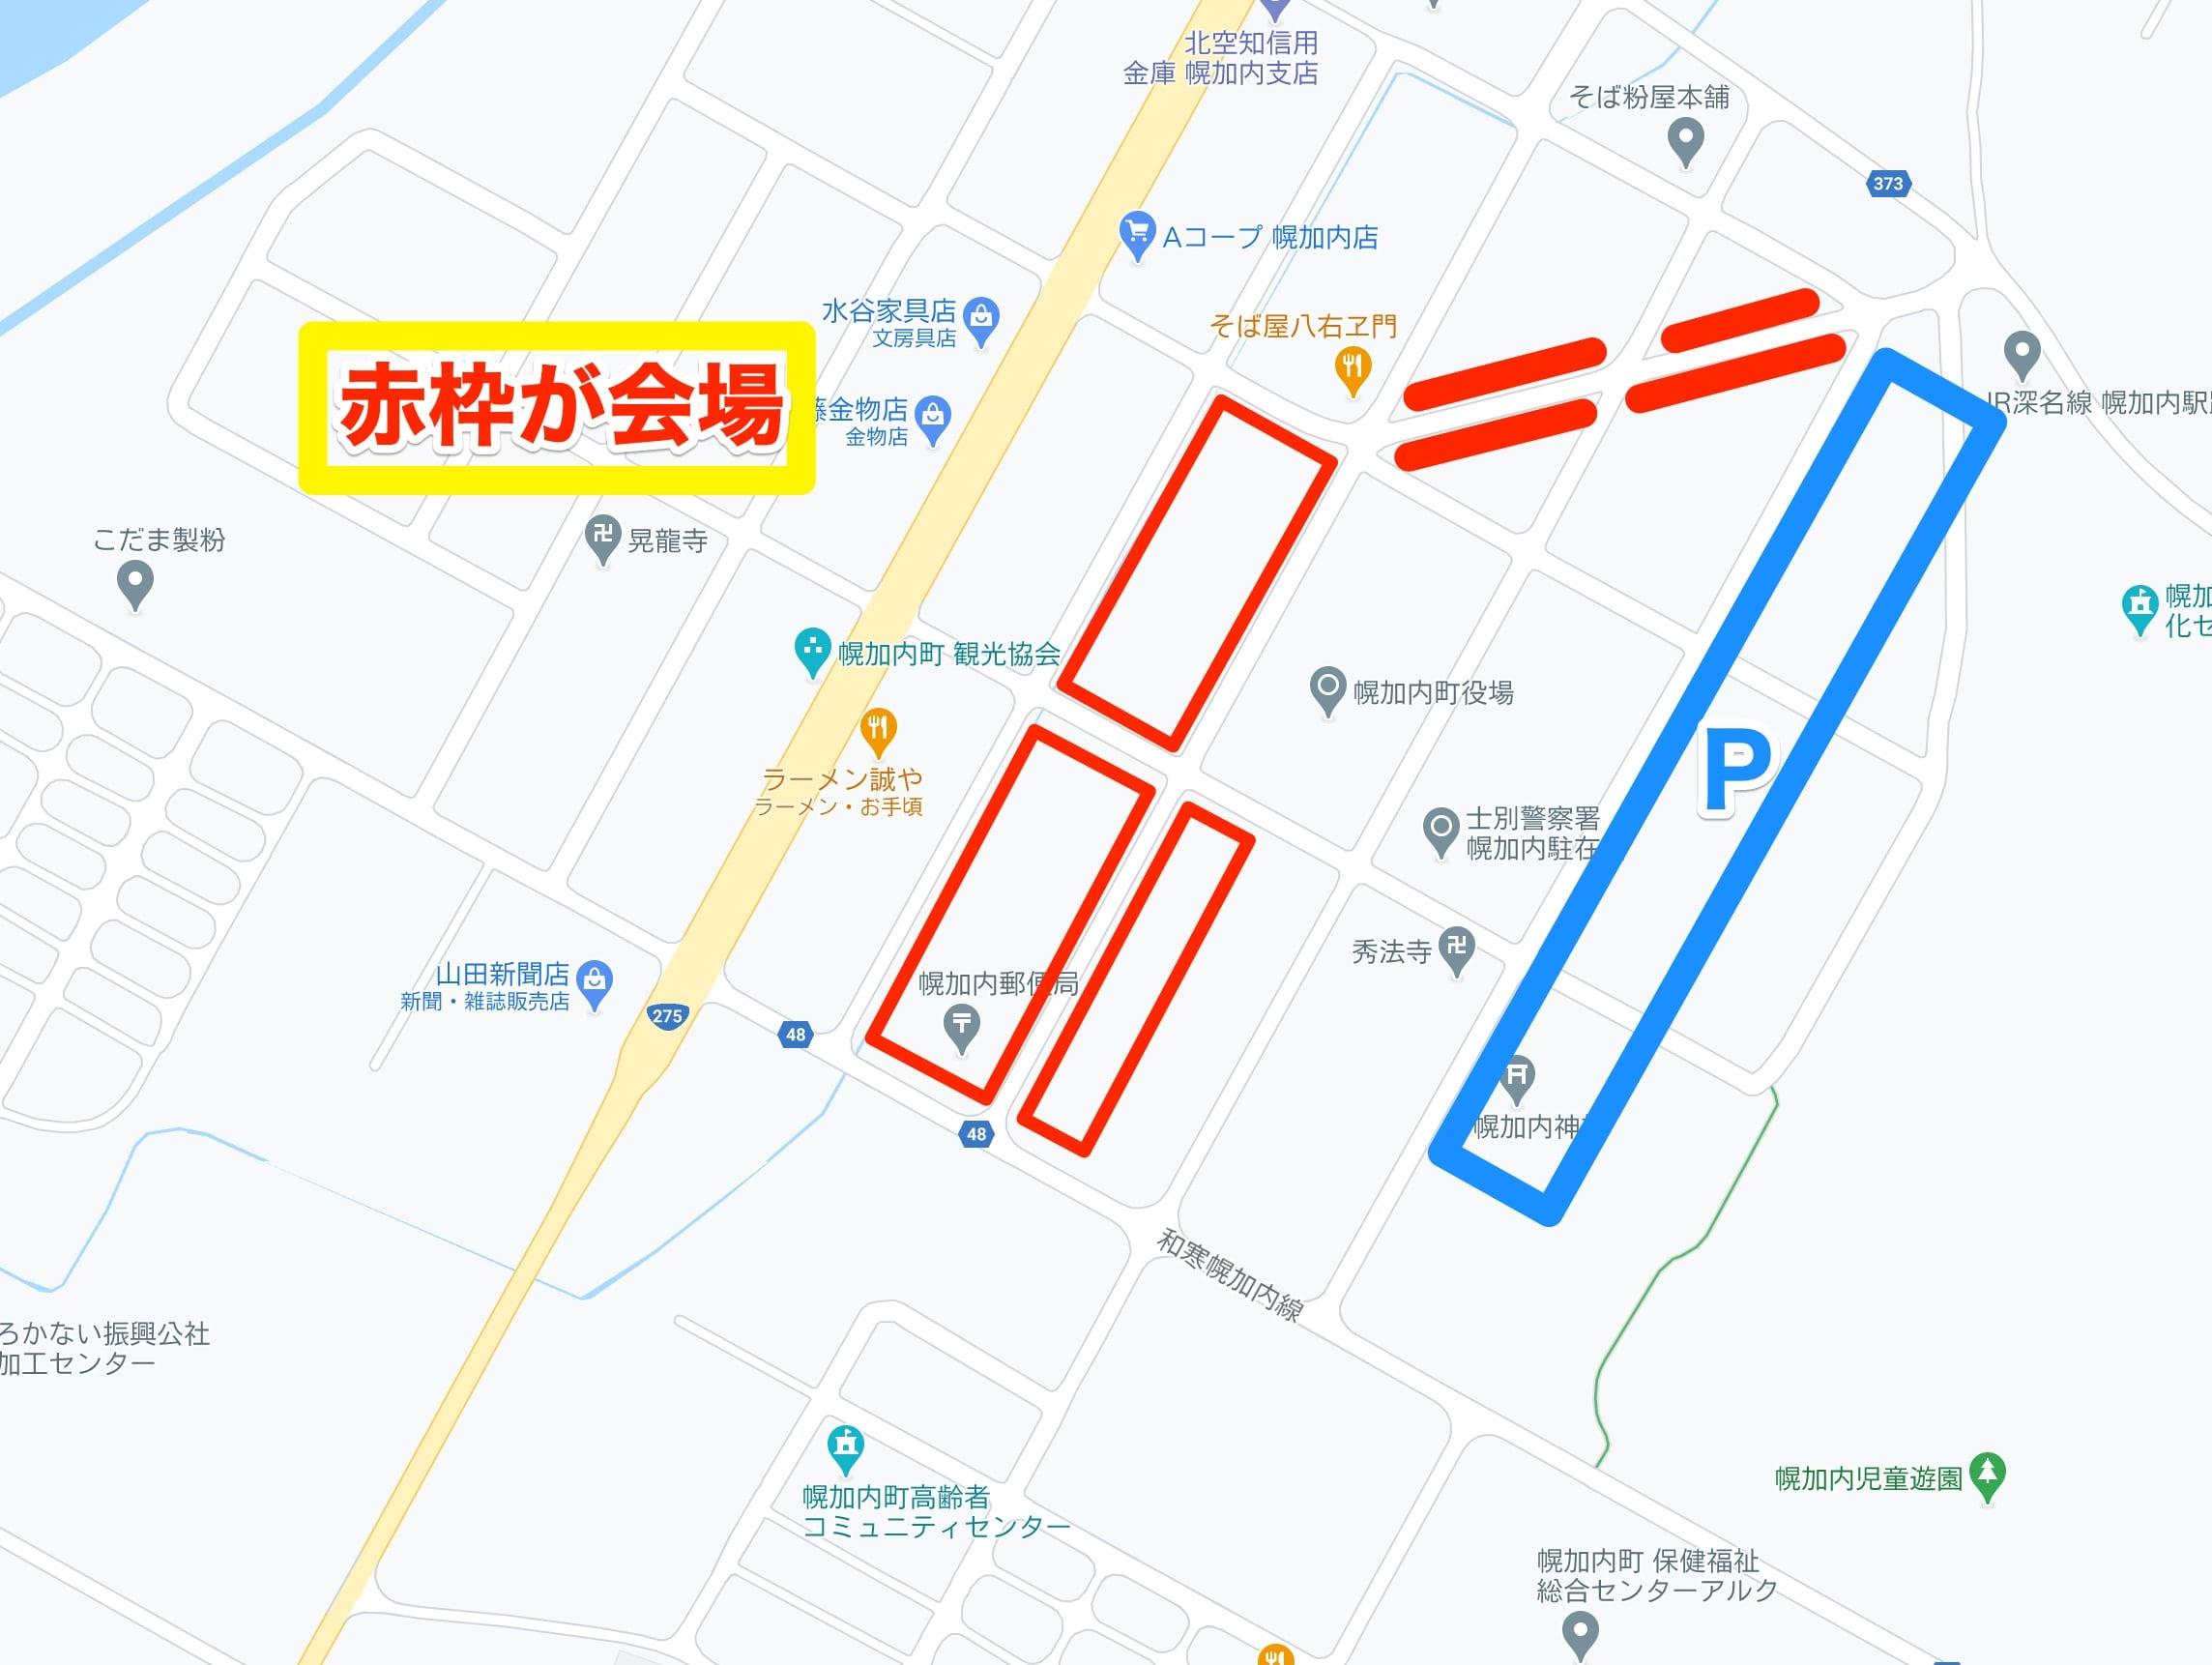 幌加内新そば祭り会場マップ